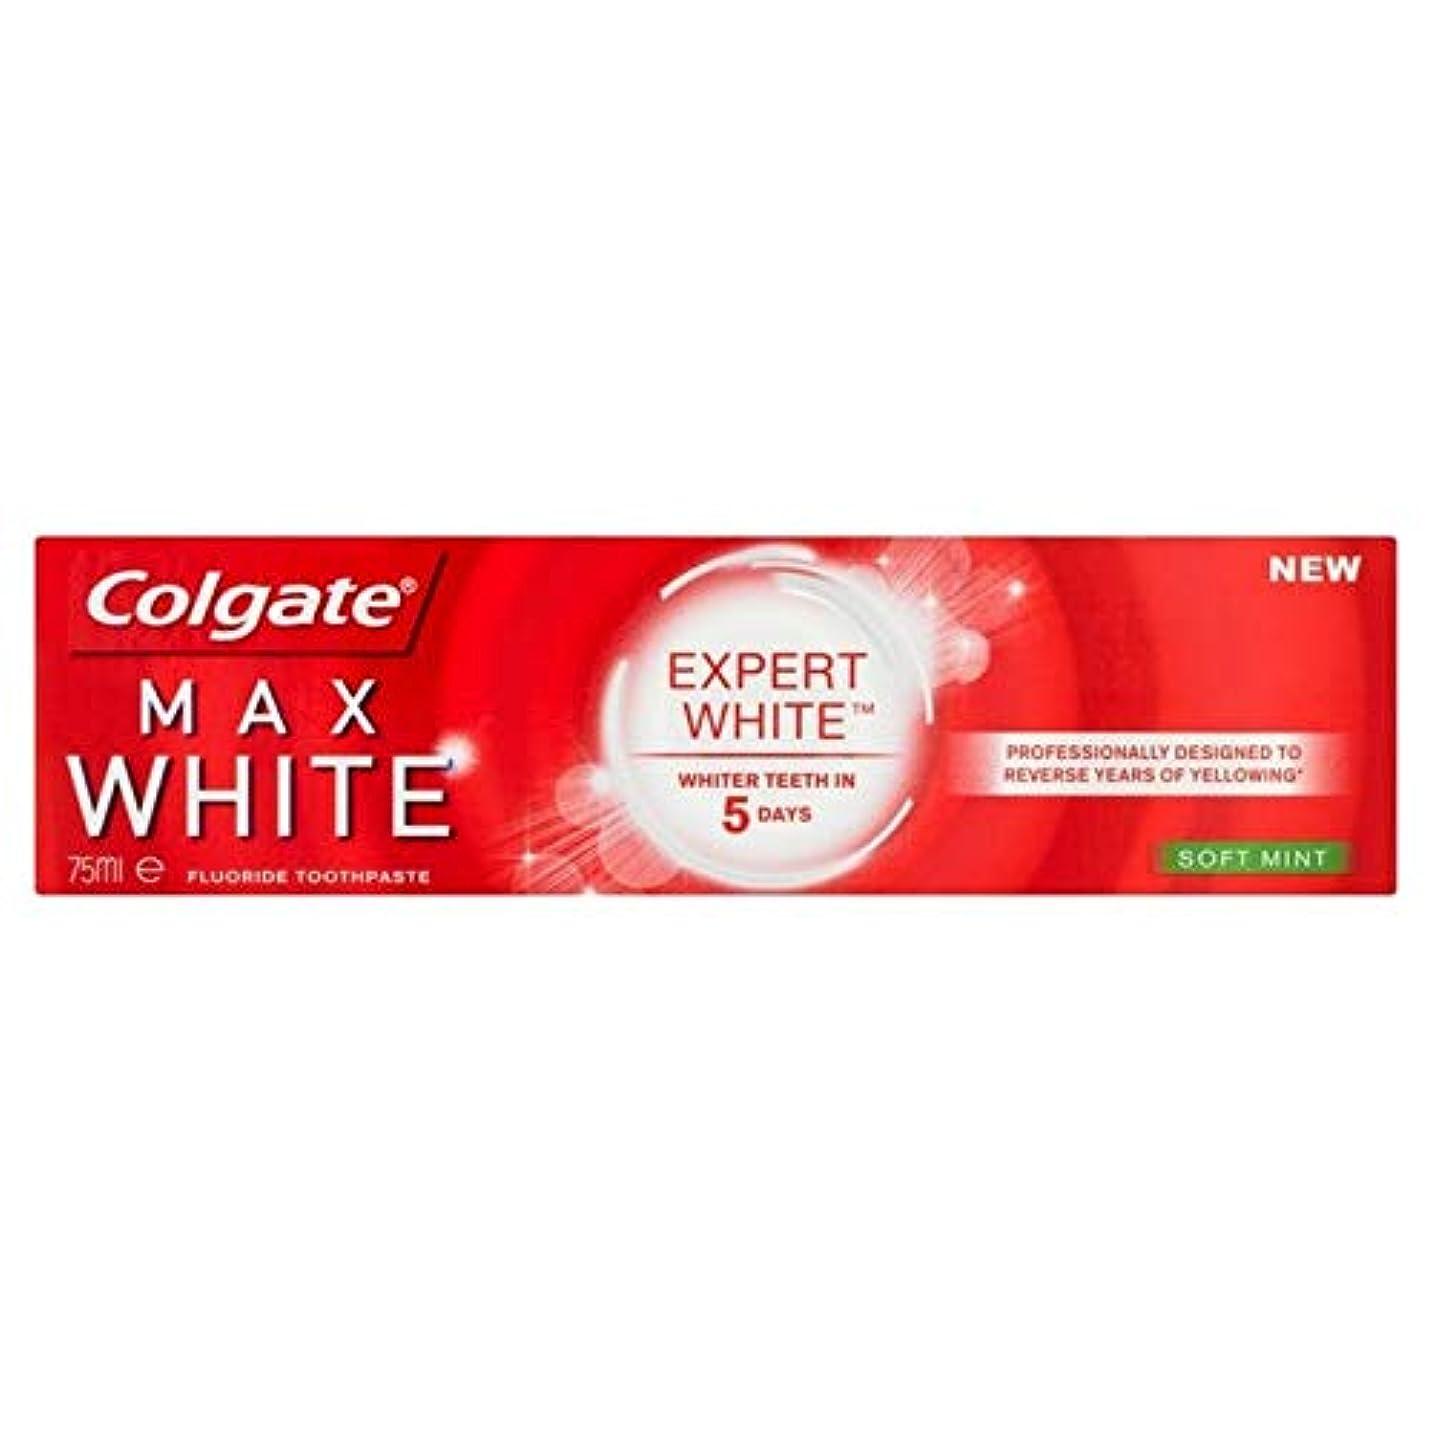 テクスチャー主権者たくさんの[Colgate ] コルゲート最大白の専門ソフトミントホワイトニング歯磨き粉75ミリリットル - Colgate Max White Expert Soft Mint Whitening Toothpaste 75ml [並行輸入品]